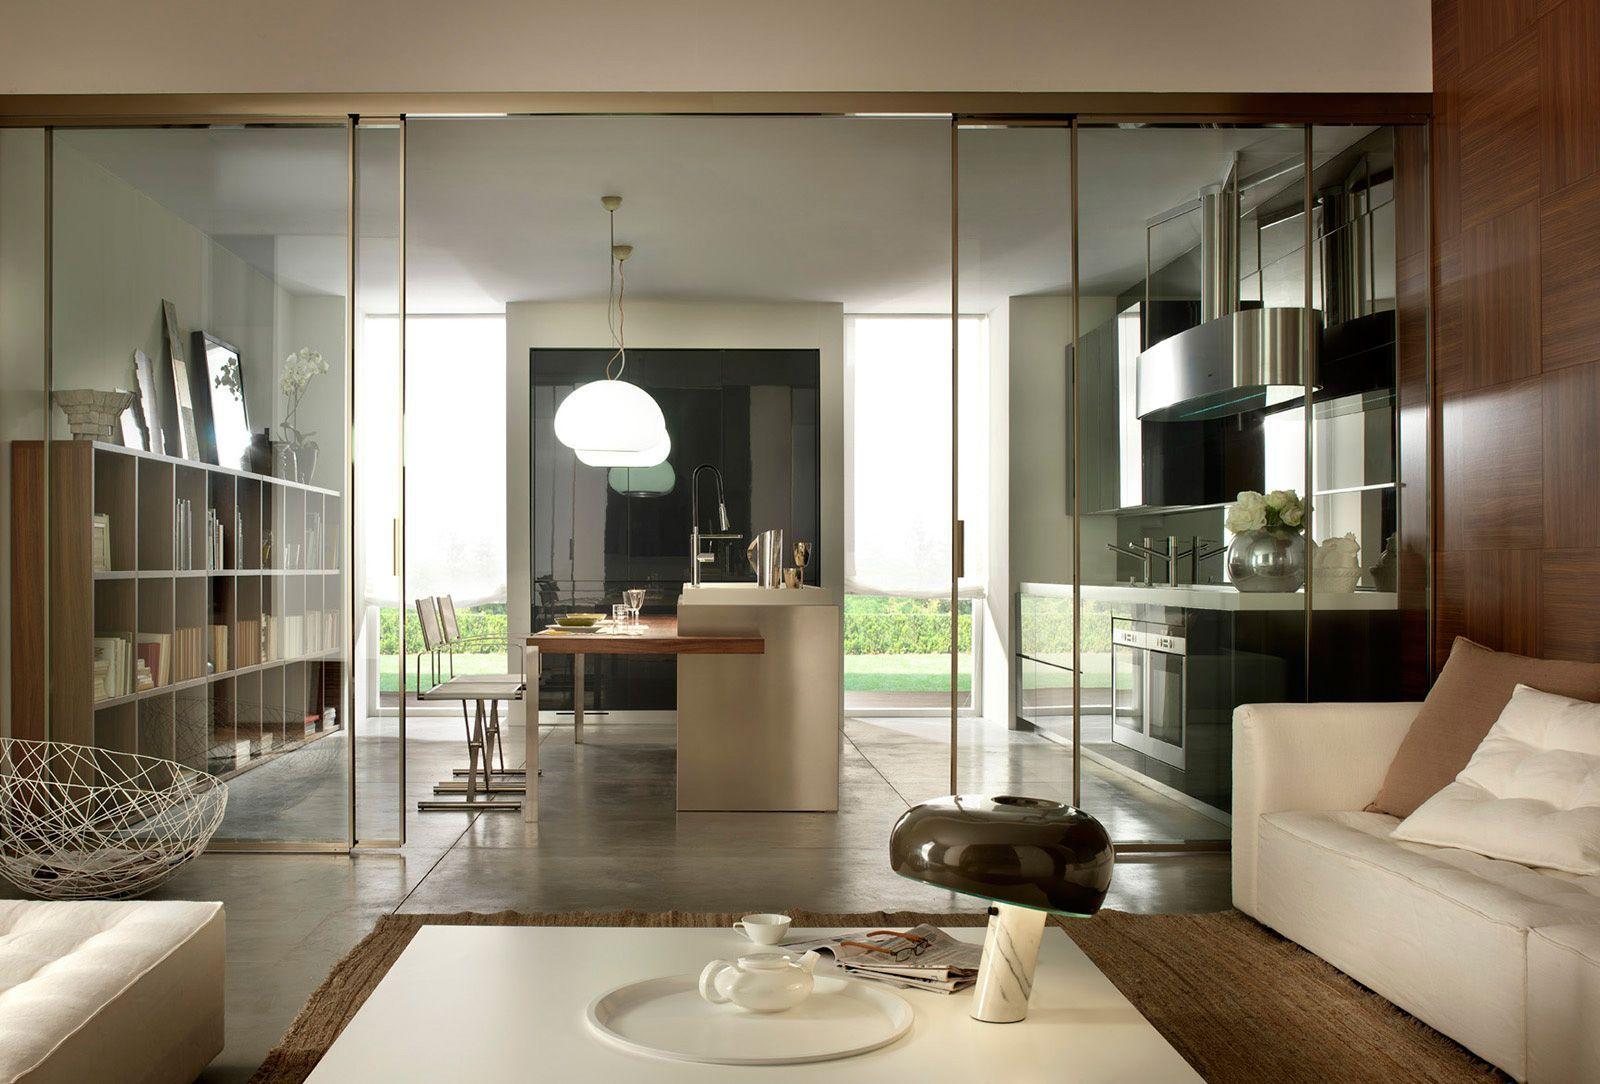 Salon cocina integrada vera stan 3 pinterest cocinas - Cocinas integradas ...